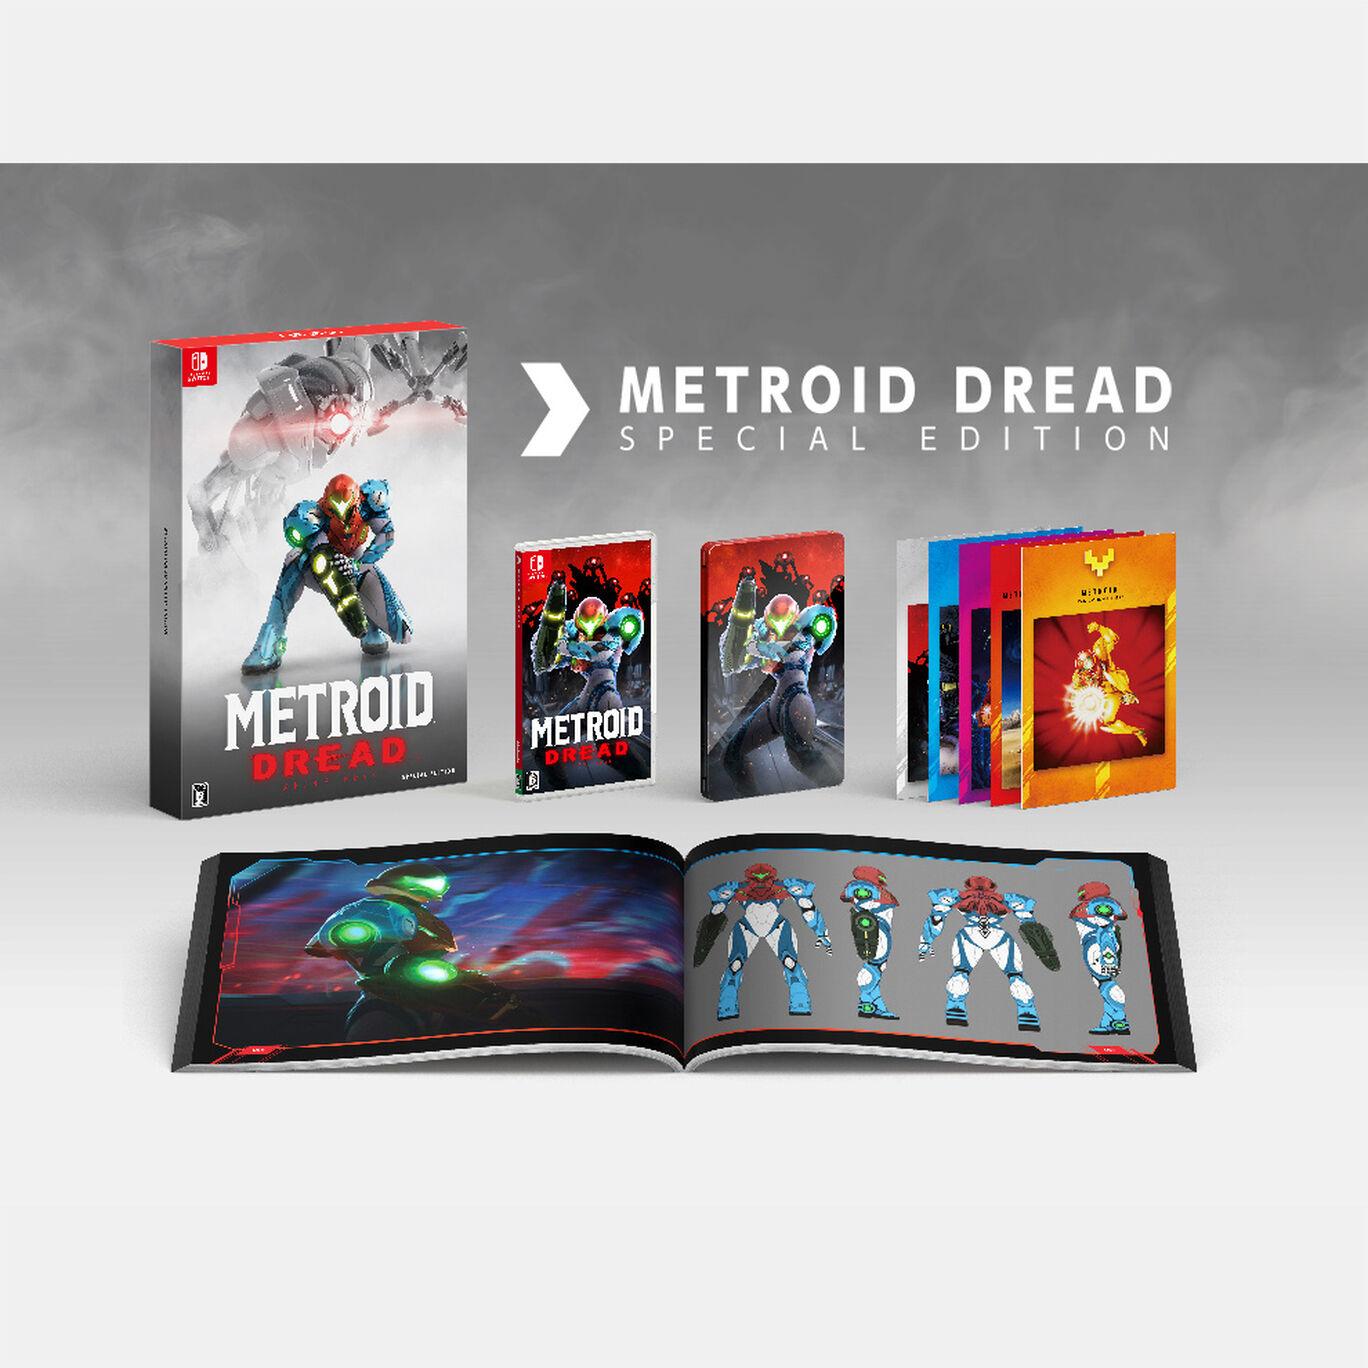 メトロイド ドレッド スペシャルエディション(ゲームカードなし)※特典のみ